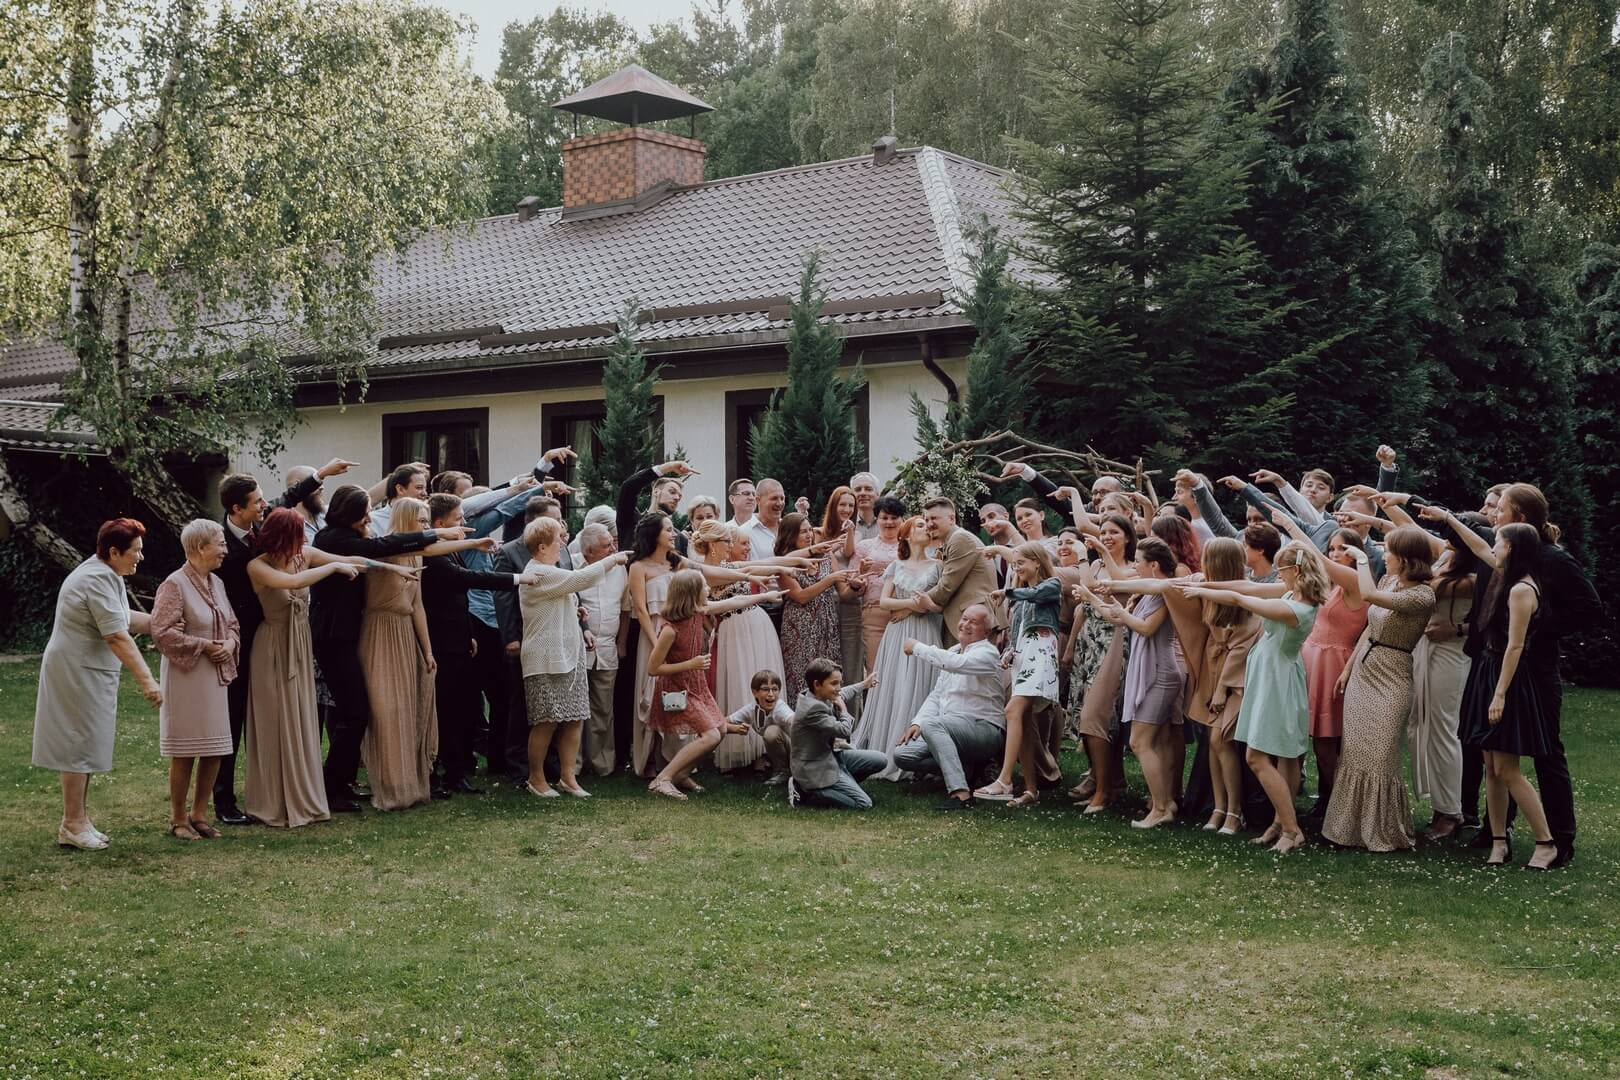 Zdjęcia grupowe na weselu. fotograf Szpakowicz Aleksander Gdańsk, Trójmiasto - szpakowicz-studio.pl 4